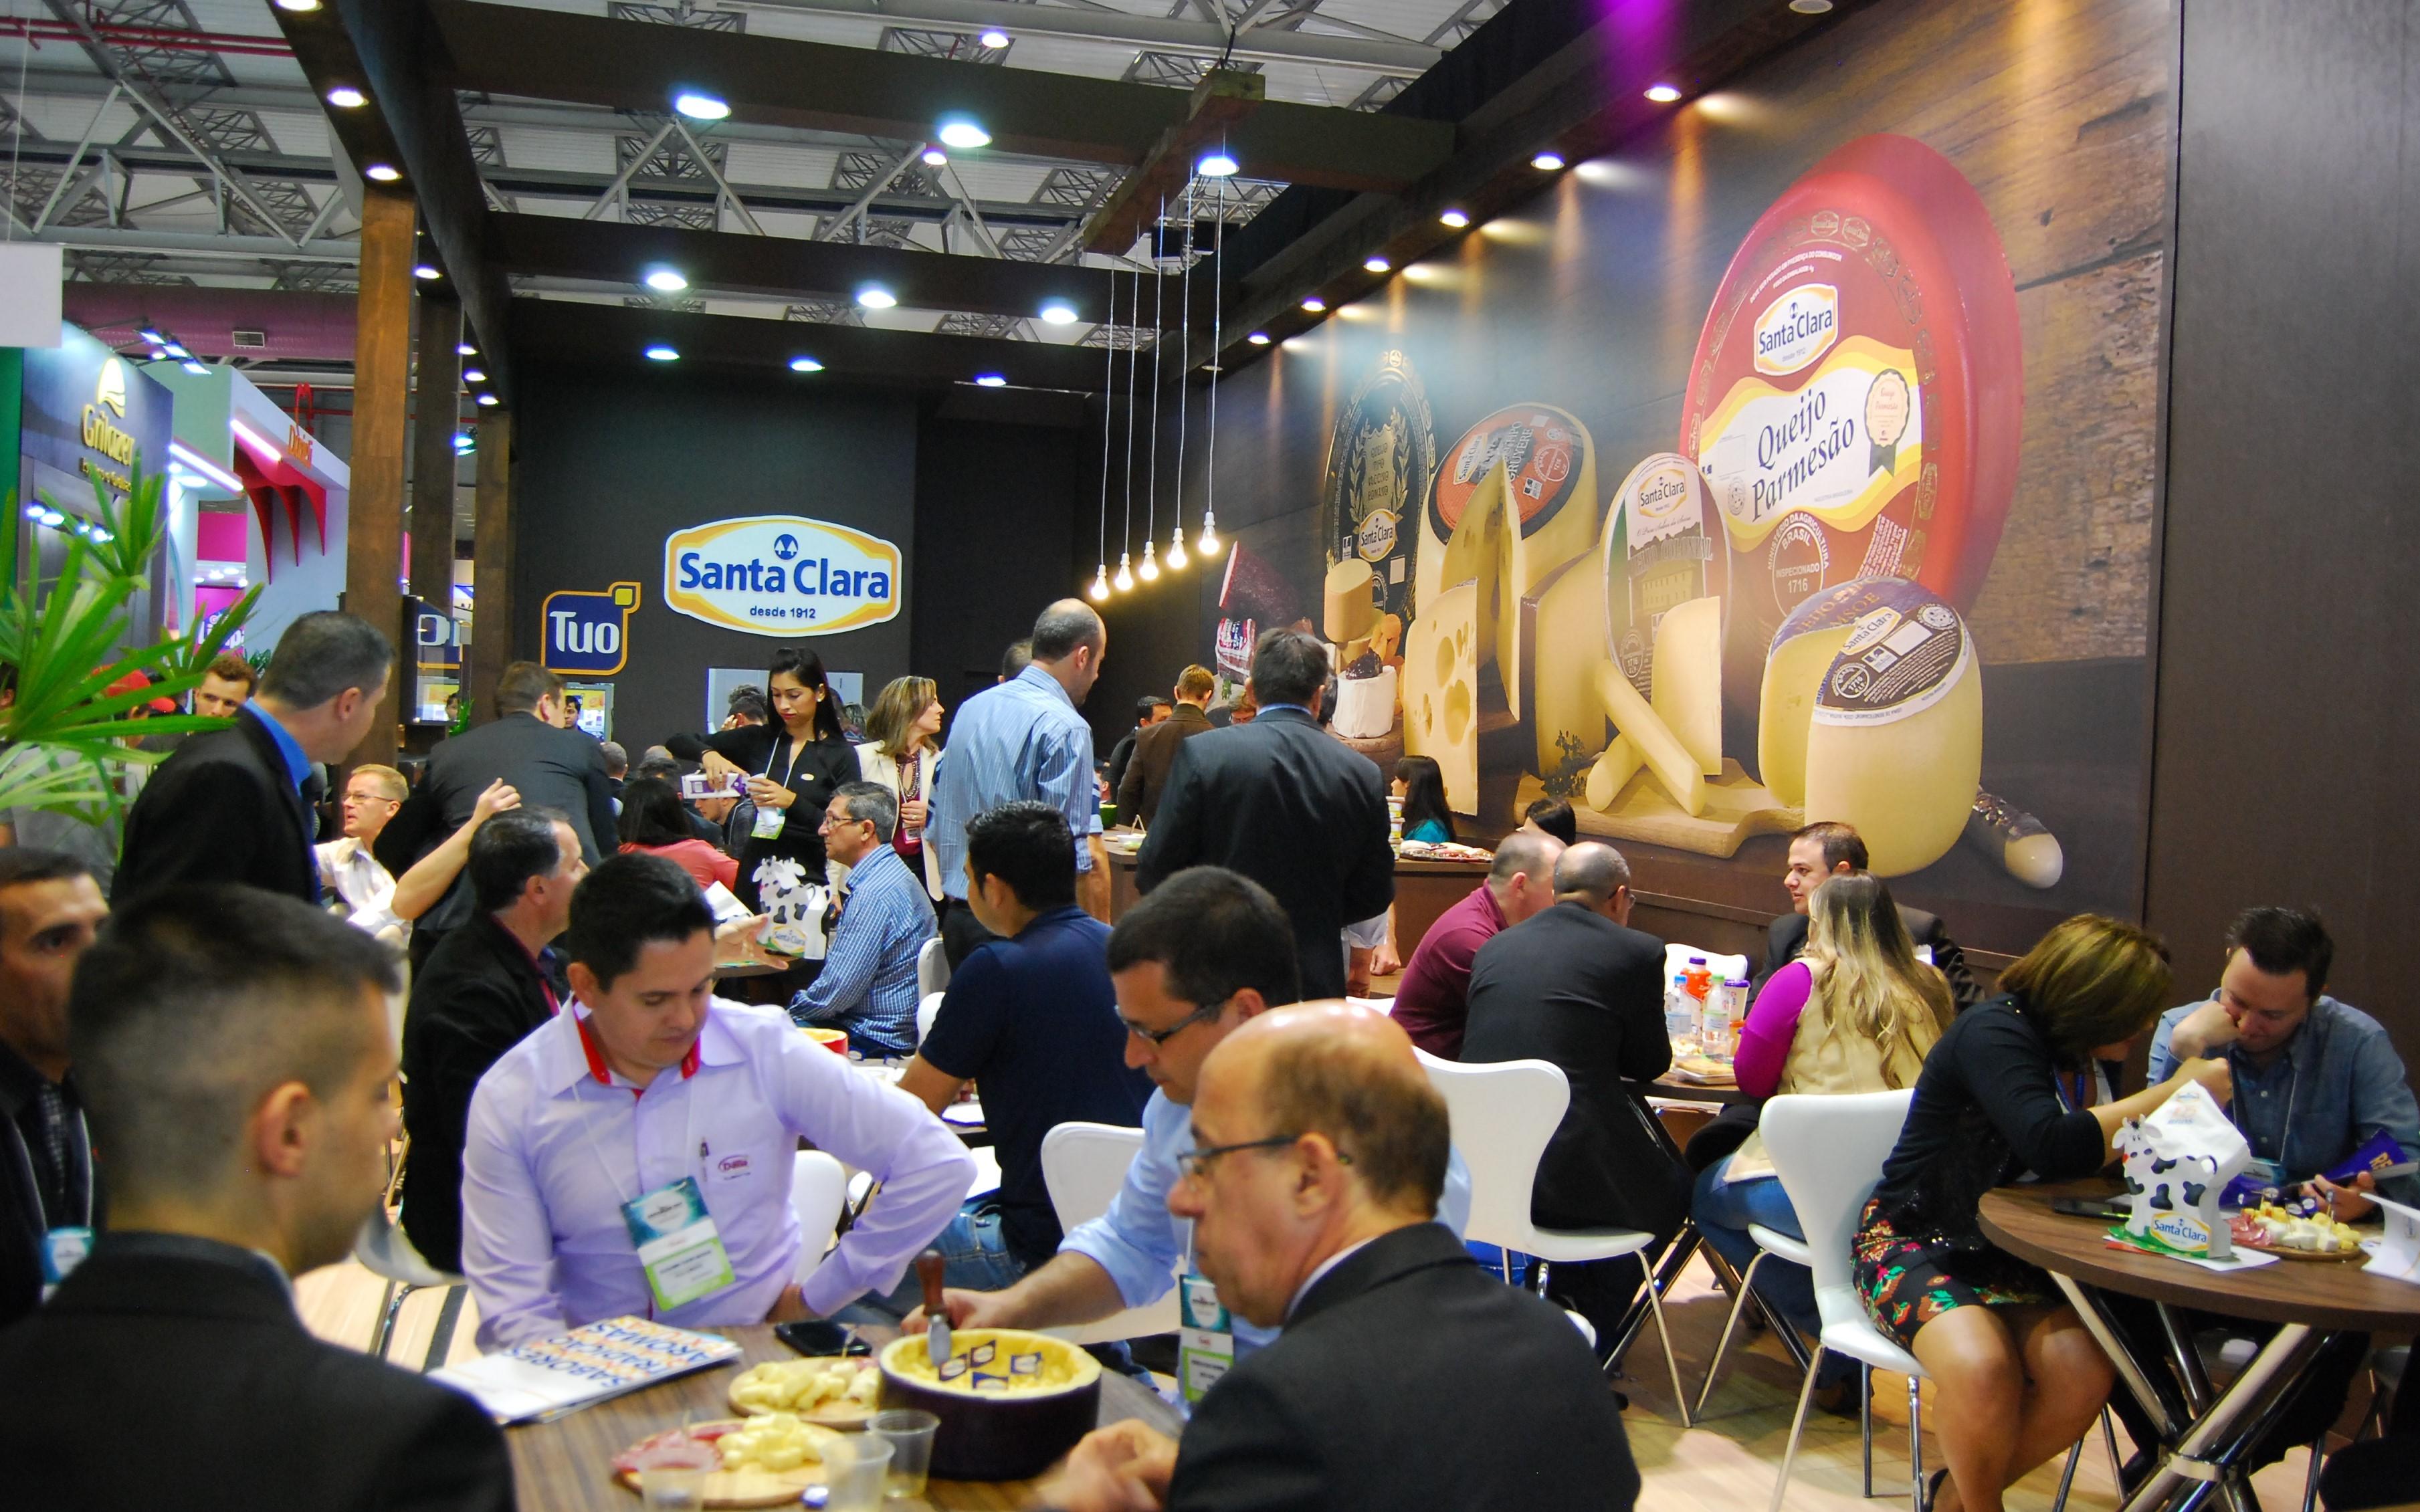 Santa Clara apresenta novos produtos e embalagens na 38ª Expoagas